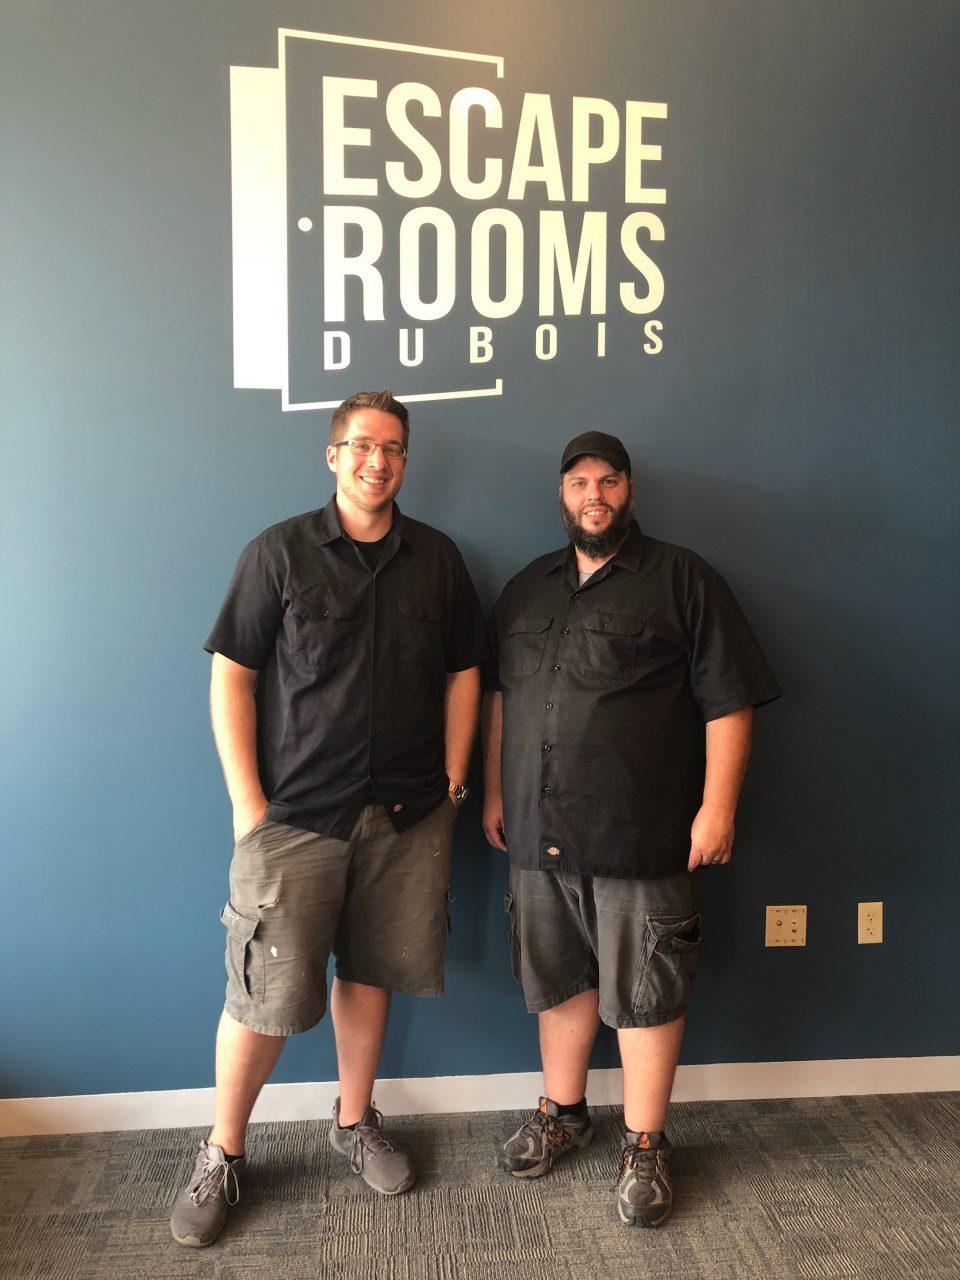 Escape Rooms DuBois